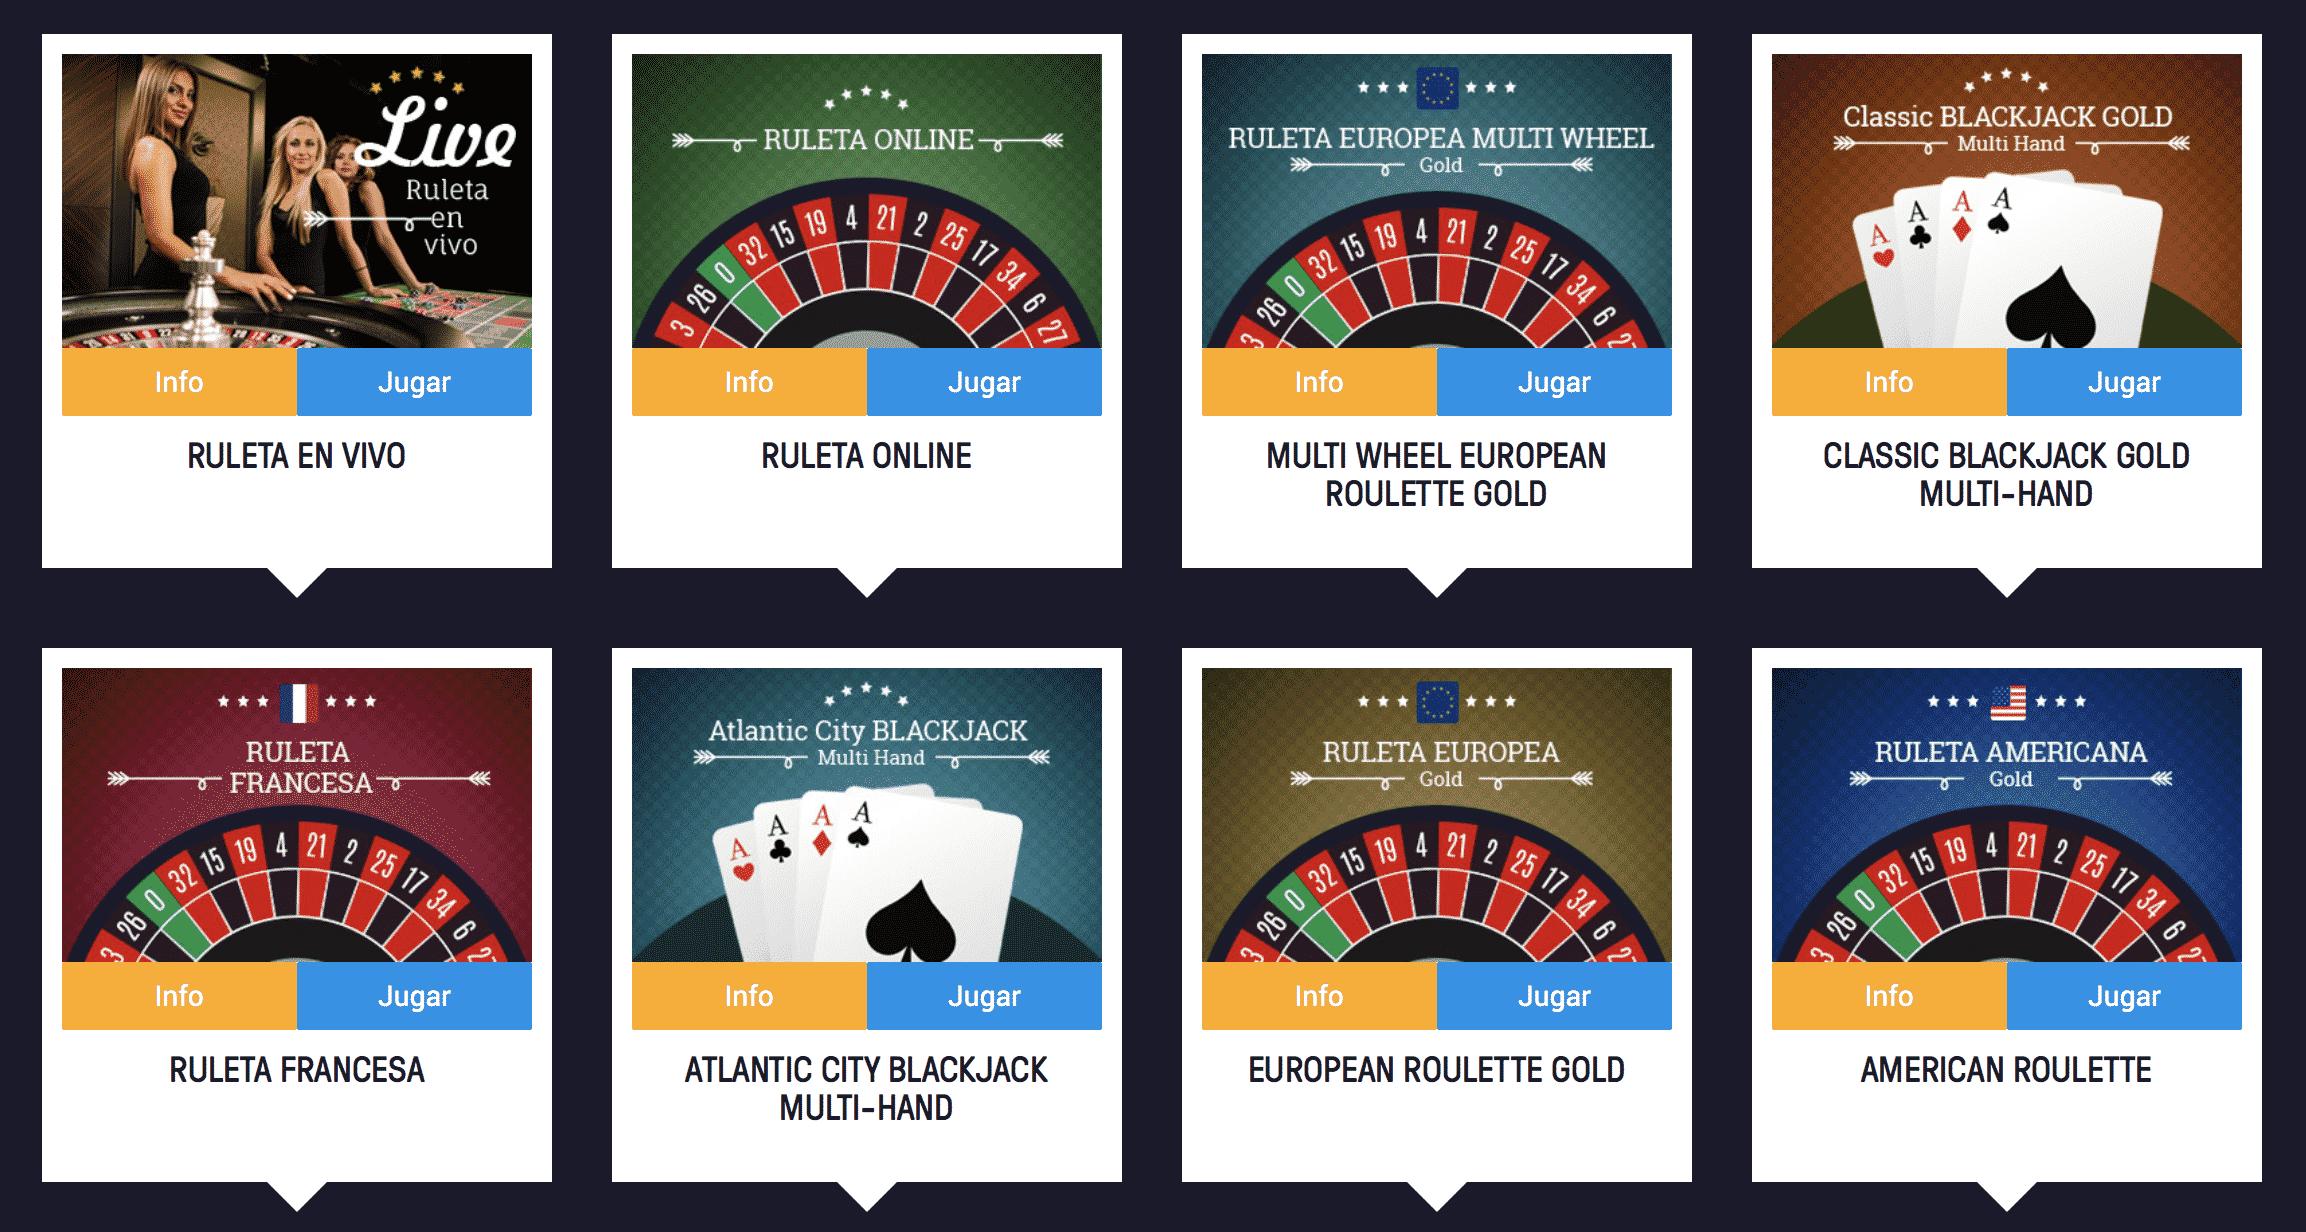 Casa de apuestas paston cómo cobrar bonos casino 622850